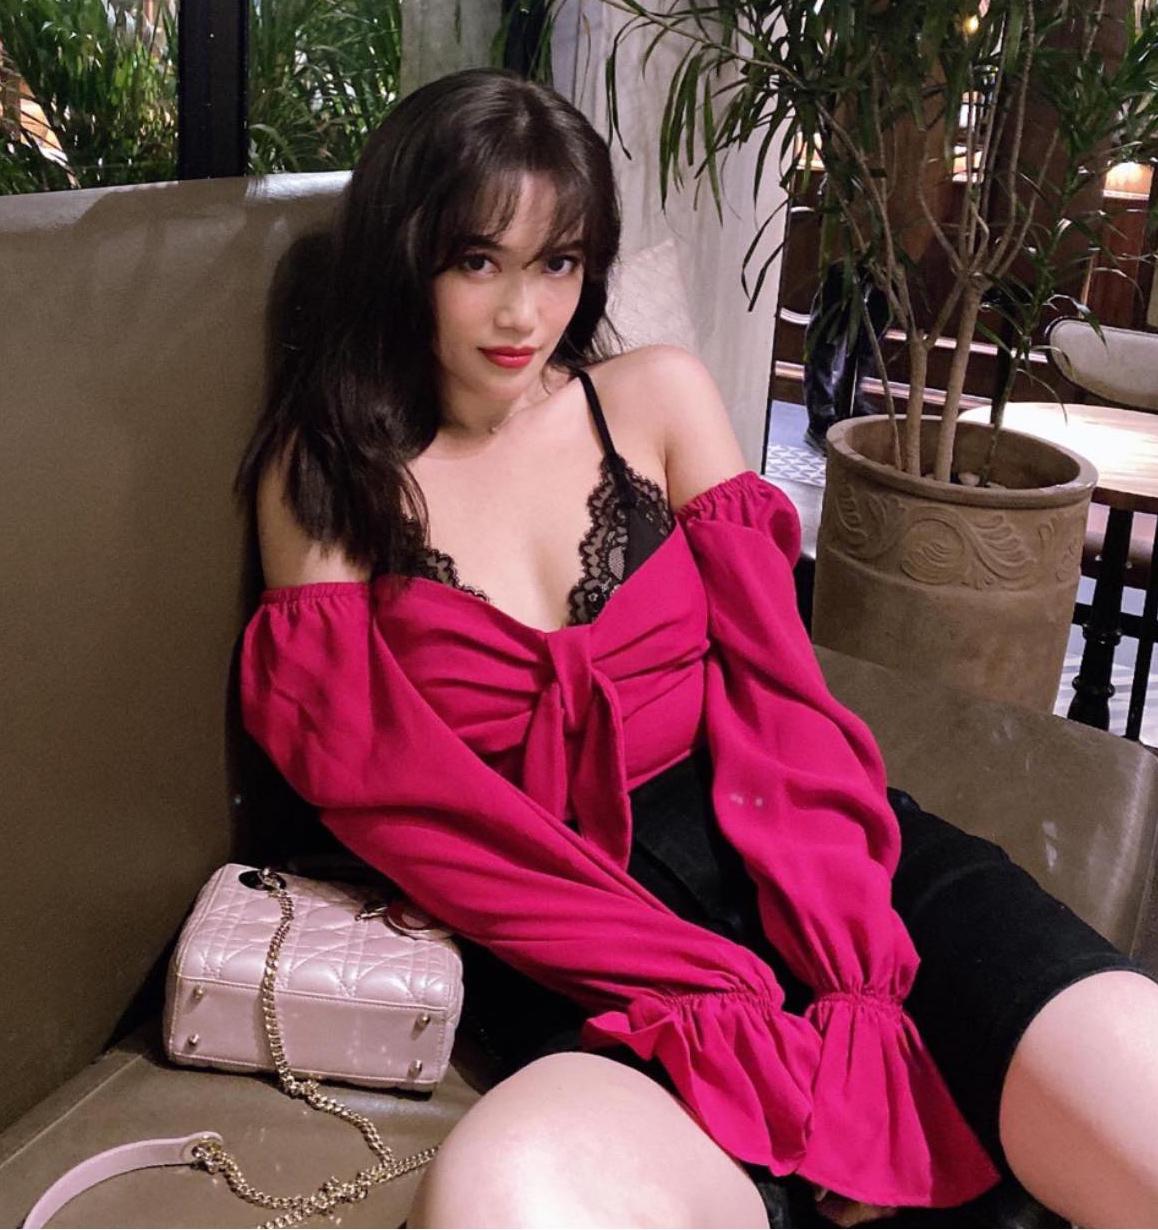 Vì đồ thường chỉ mặc một vài lần là chán, Sĩ Thanh tránh không mua những item quá đắt đỏ để tiết kiệm. Cô thường thích theo đuổi phong cách sexy, hiện đại.